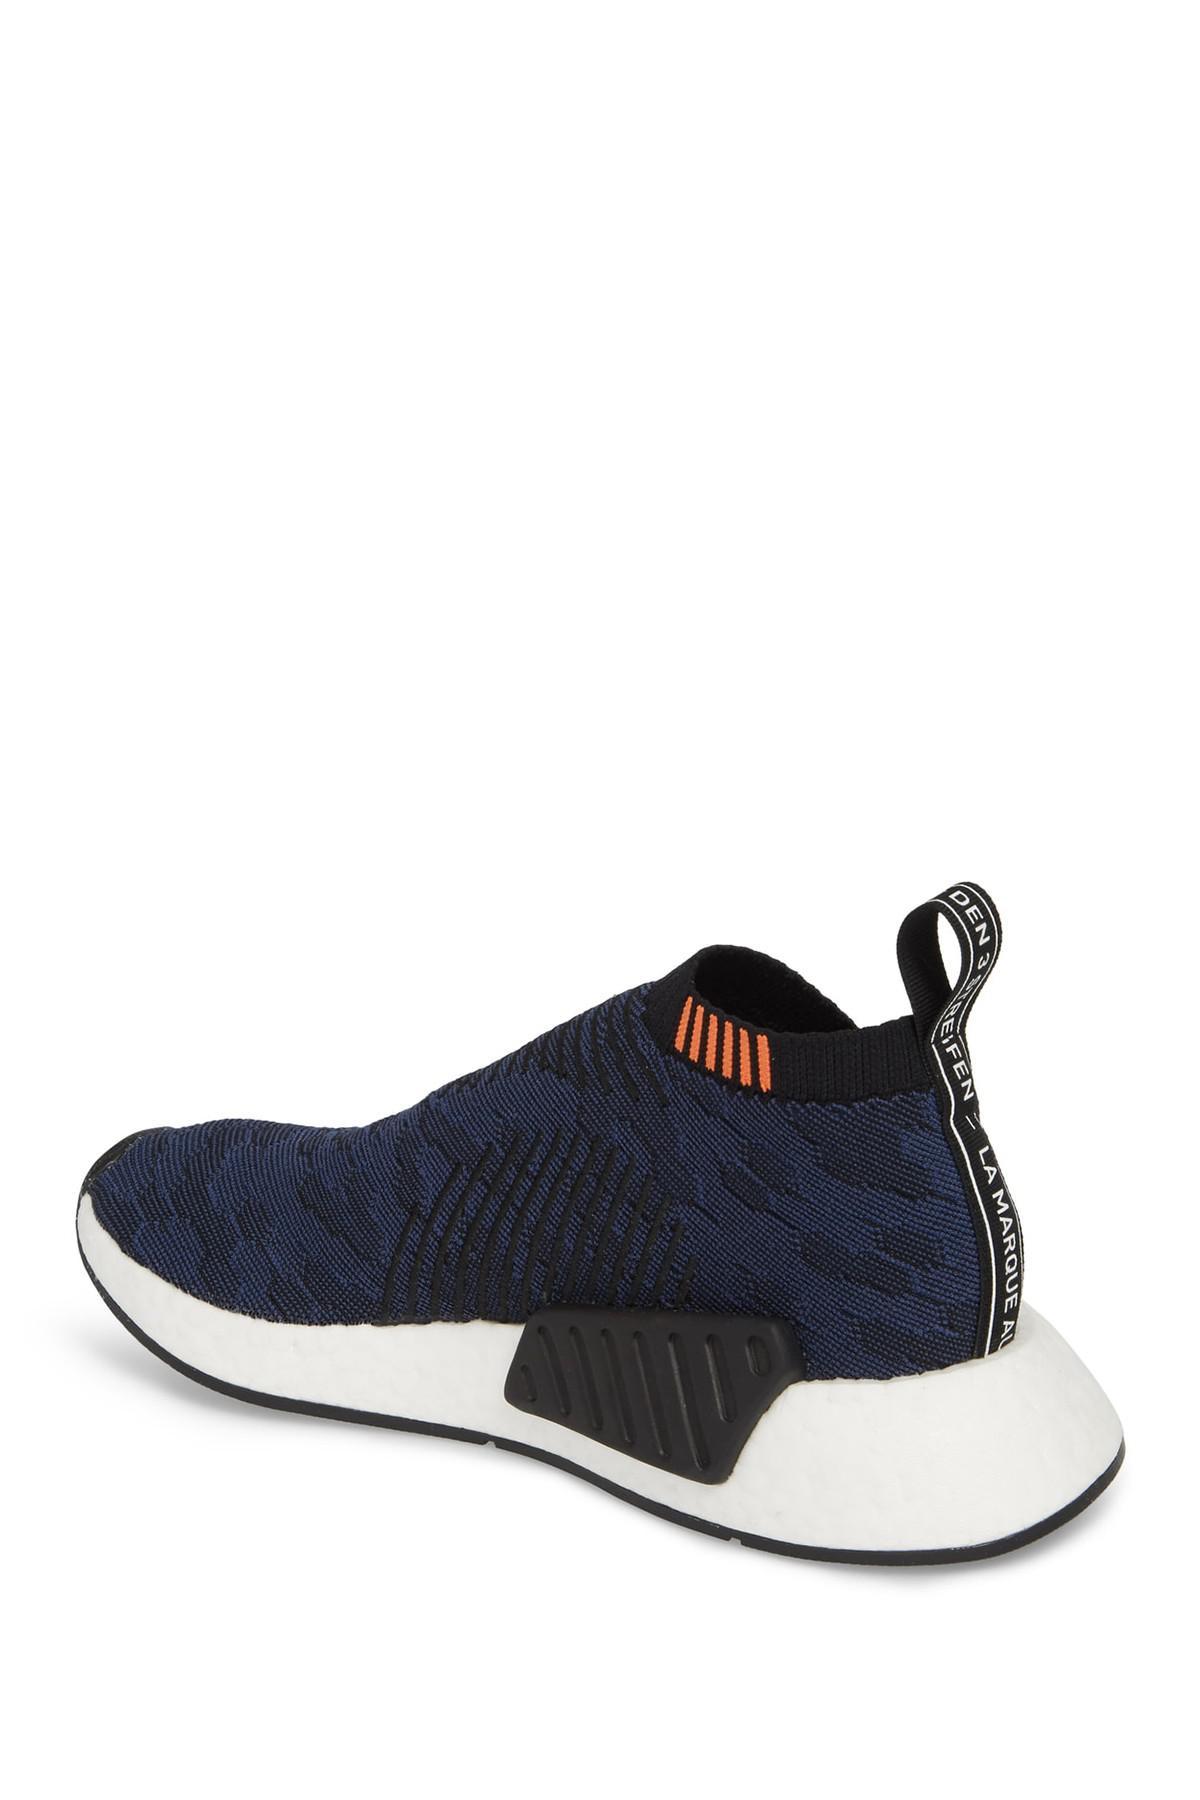 73c0e4d951f7 Lyst - adidas Nmd Cs2 Primeknit Sneaker (women) in Blue